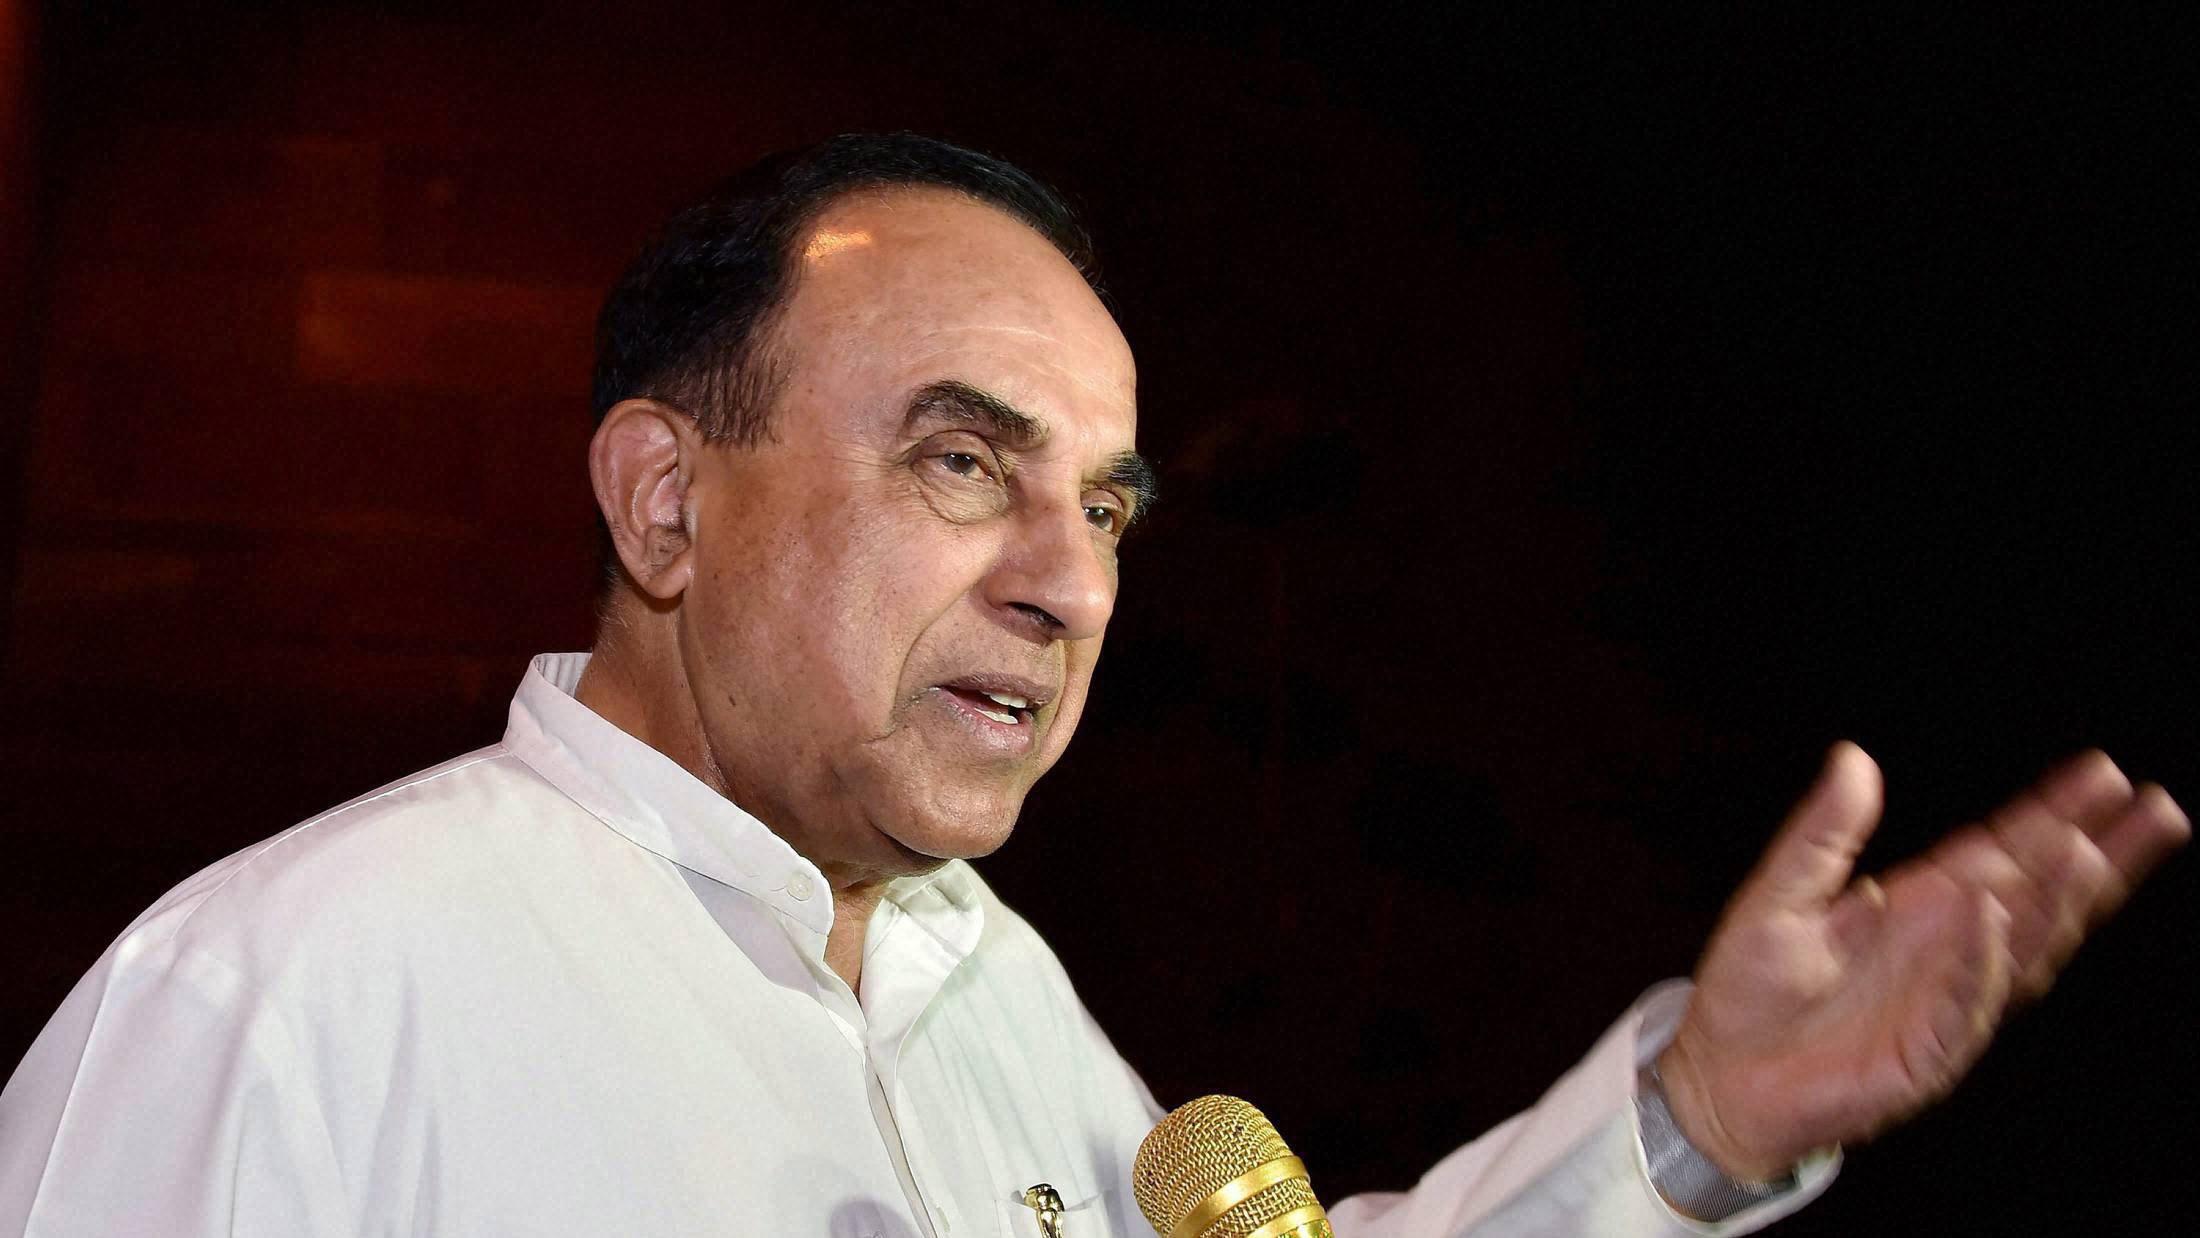 بی جے پی رہنما سبرامنیم سوامی (فوٹو : پی ٹی آئی)